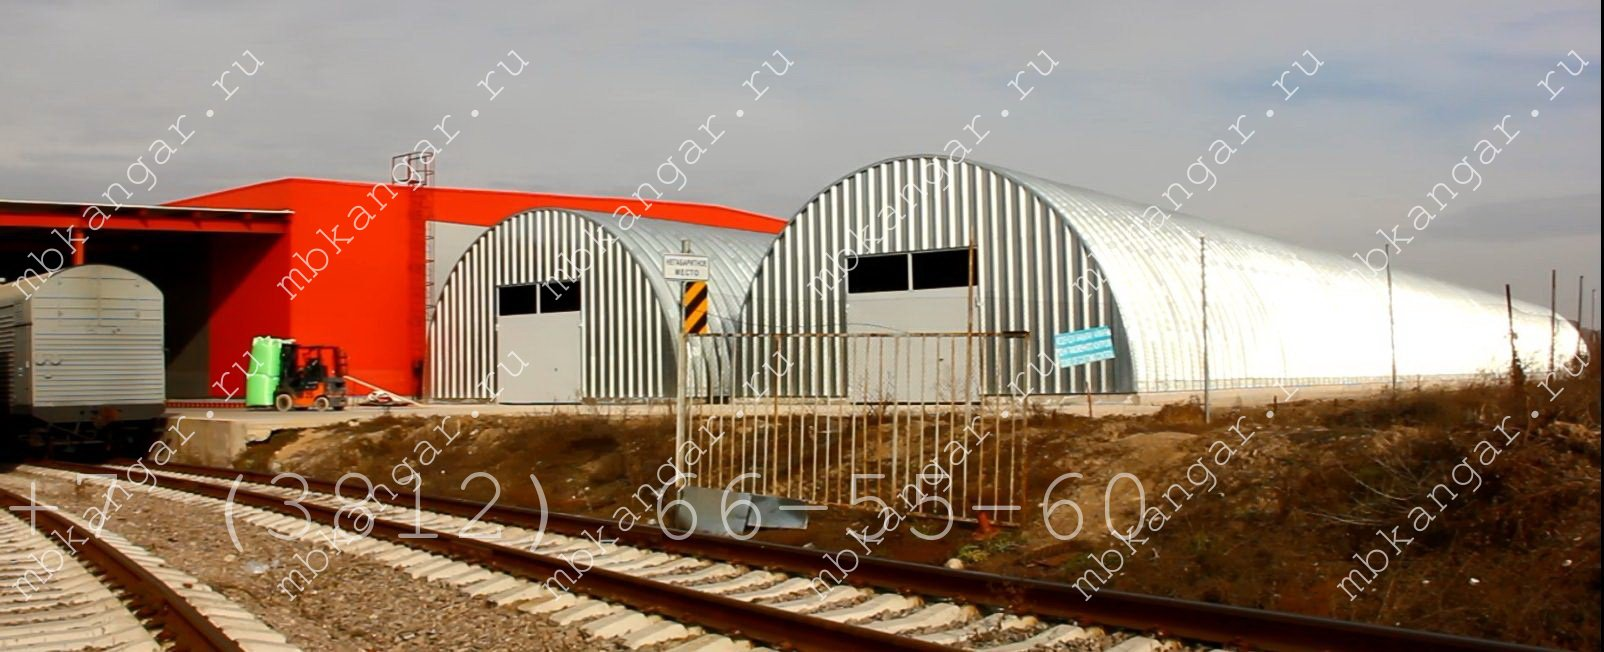 Продам бескаркасный арочный быстровозводимый разборный ангар